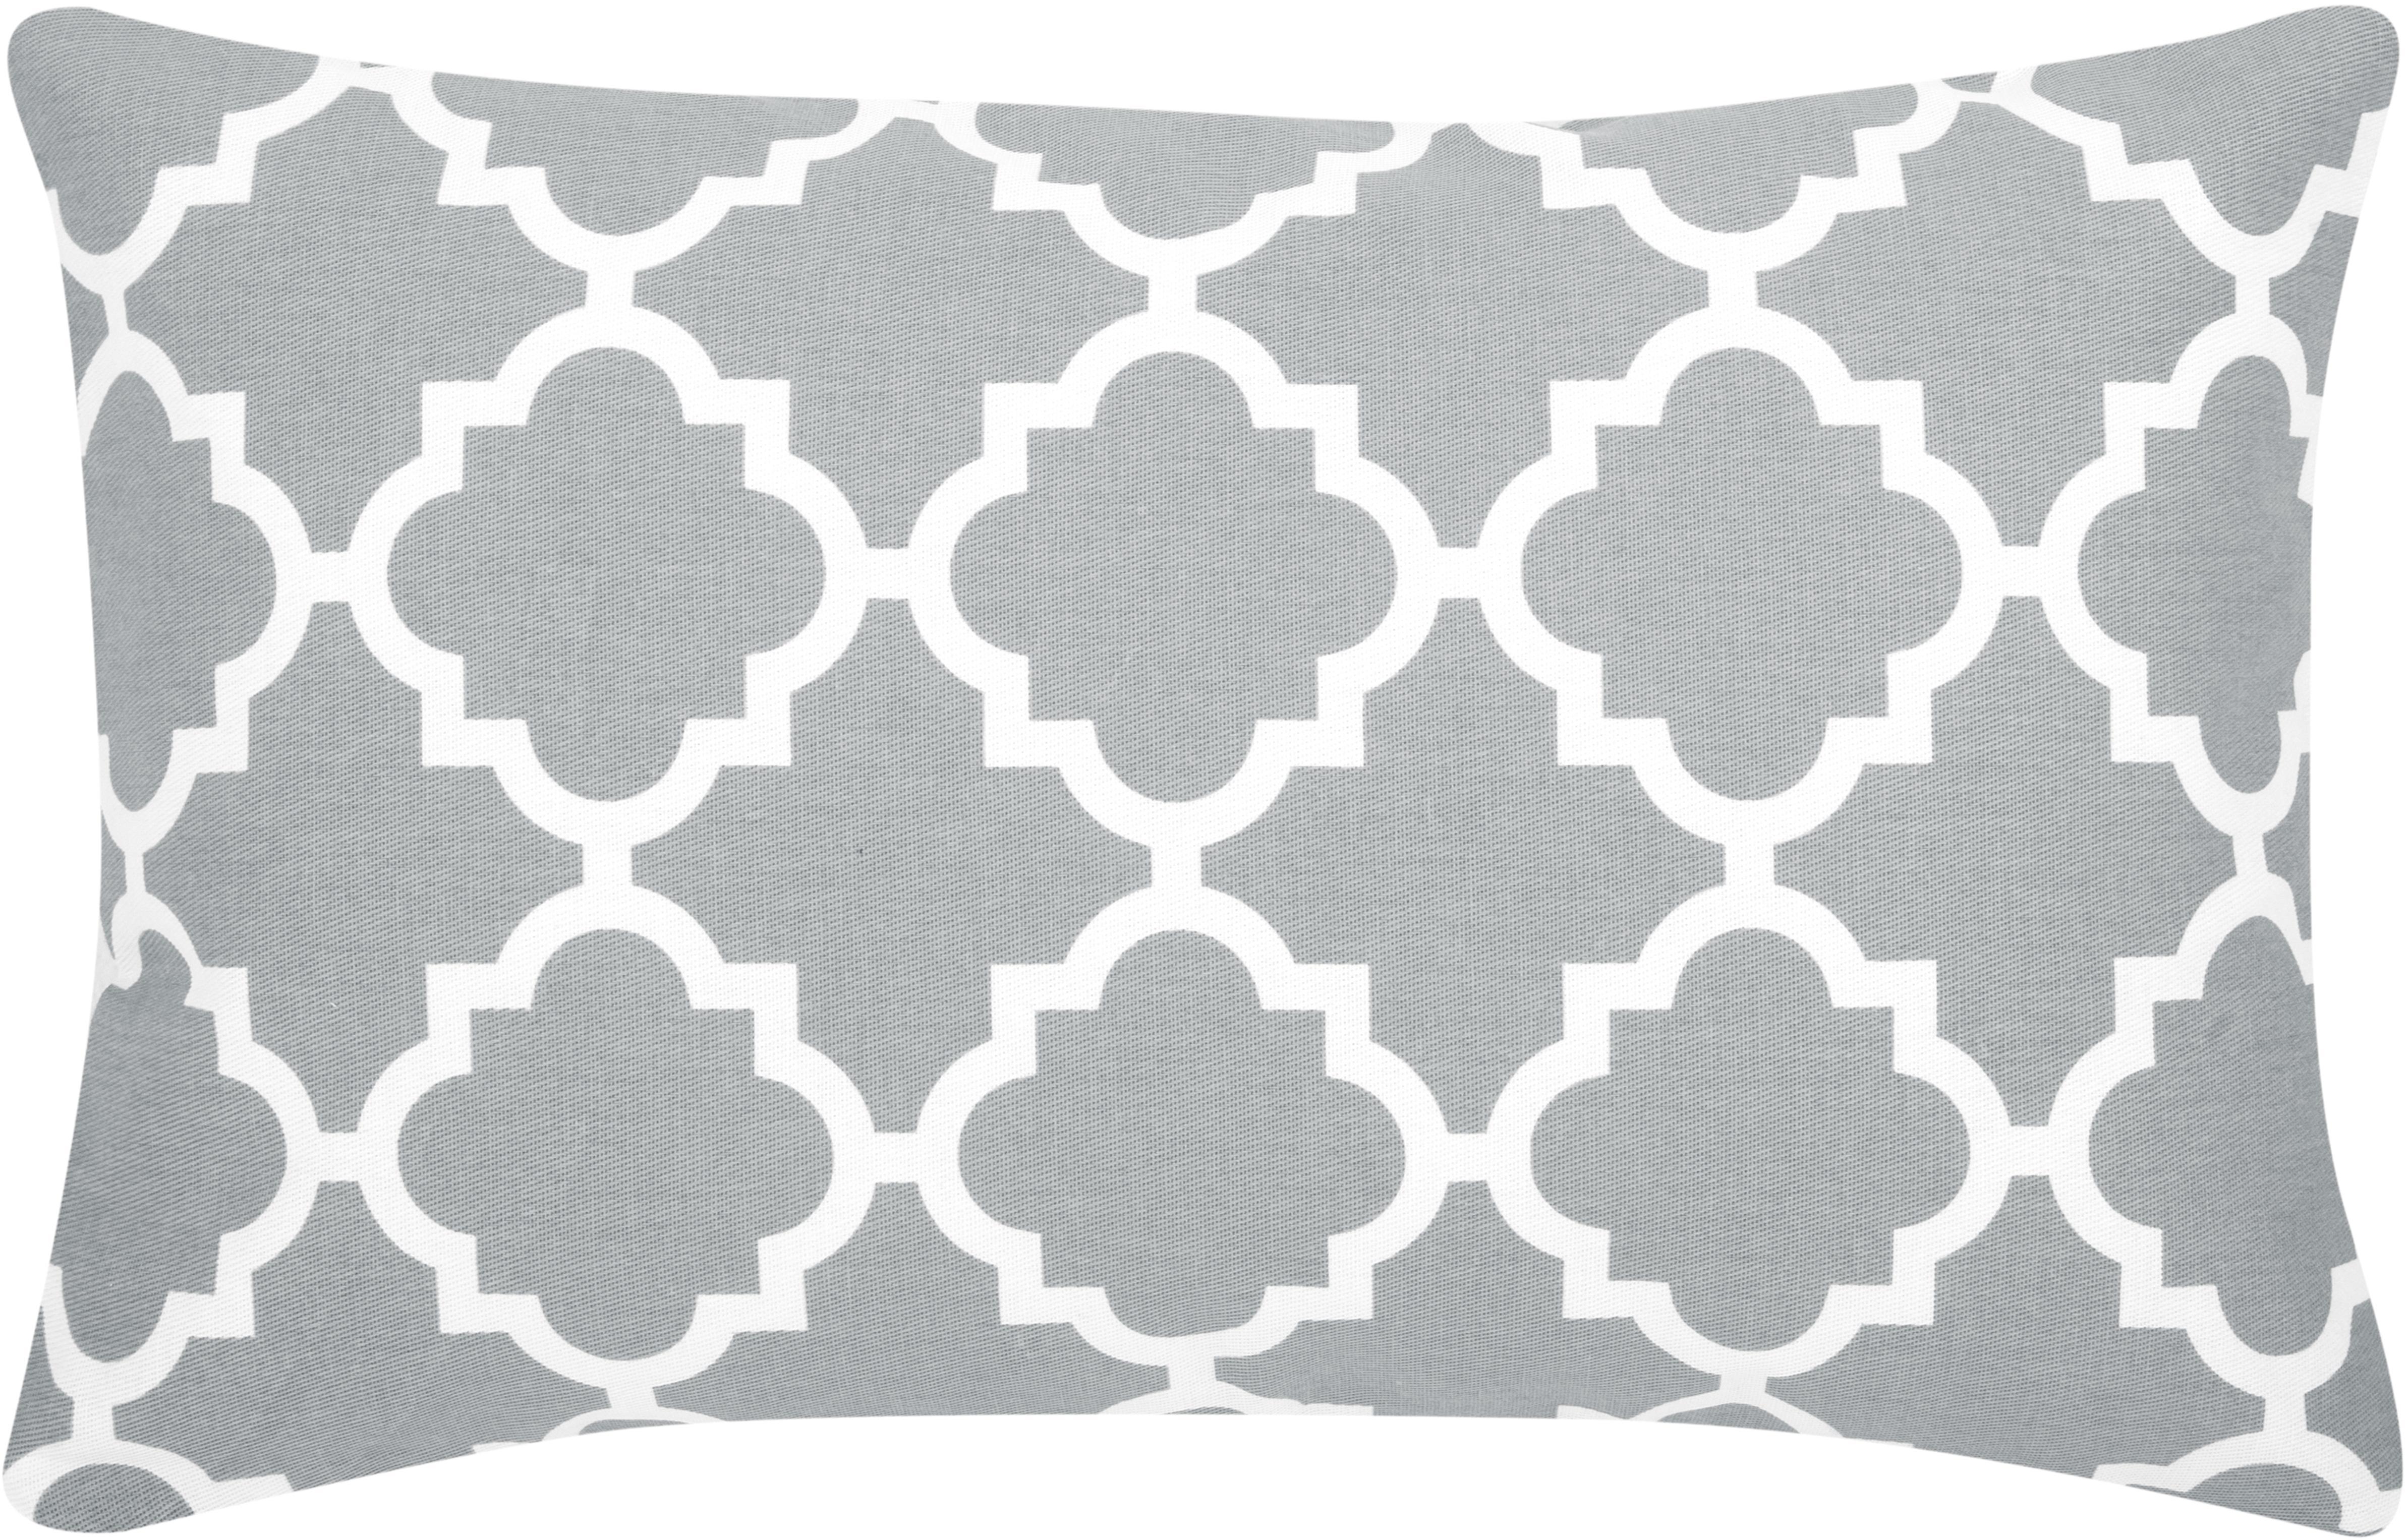 Kissenhülle Lana mit grafischem Muster, 100% Baumwolle, Grau, Weiß, 30 x 50 cm